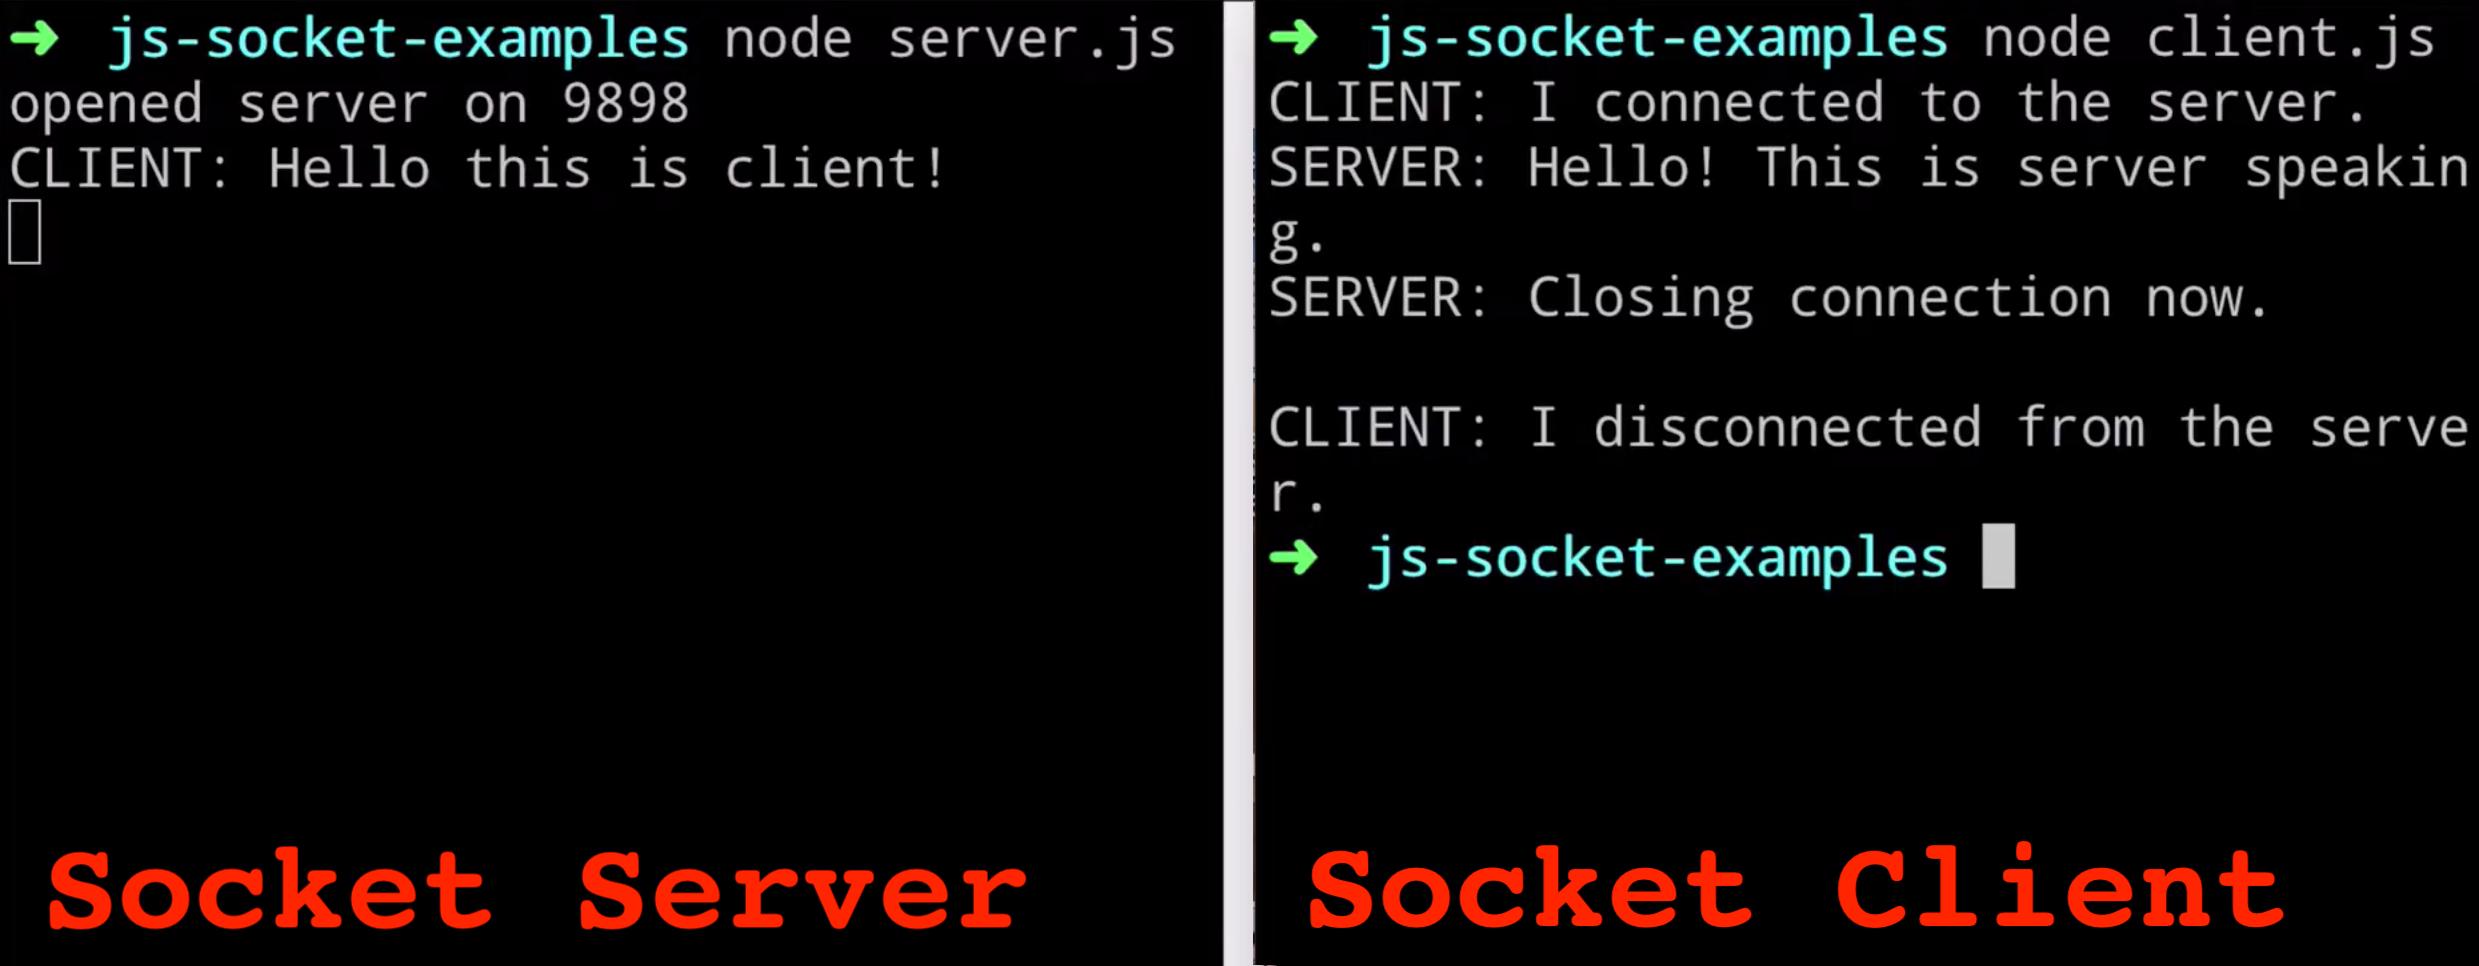 Interazione tra server Node.js Socket e client sulla linea di comando